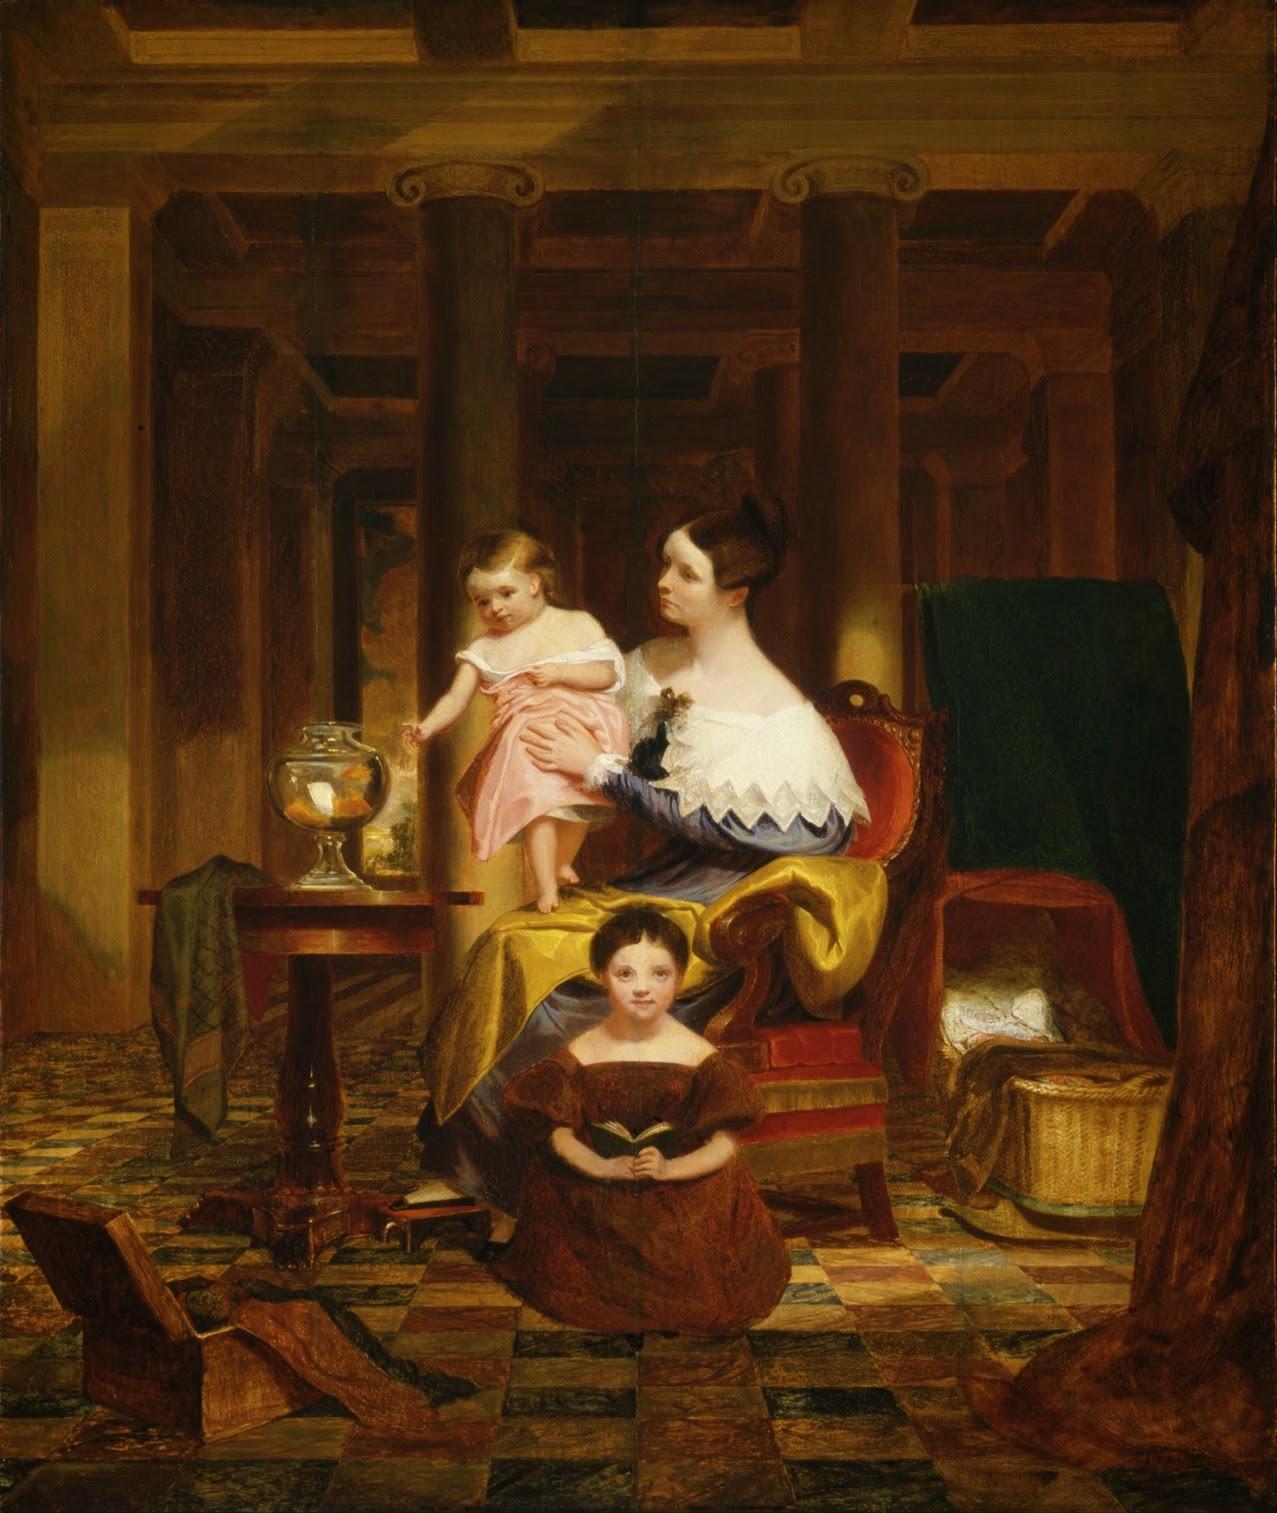 samuel morse gallery of the louvre tuttart pittura